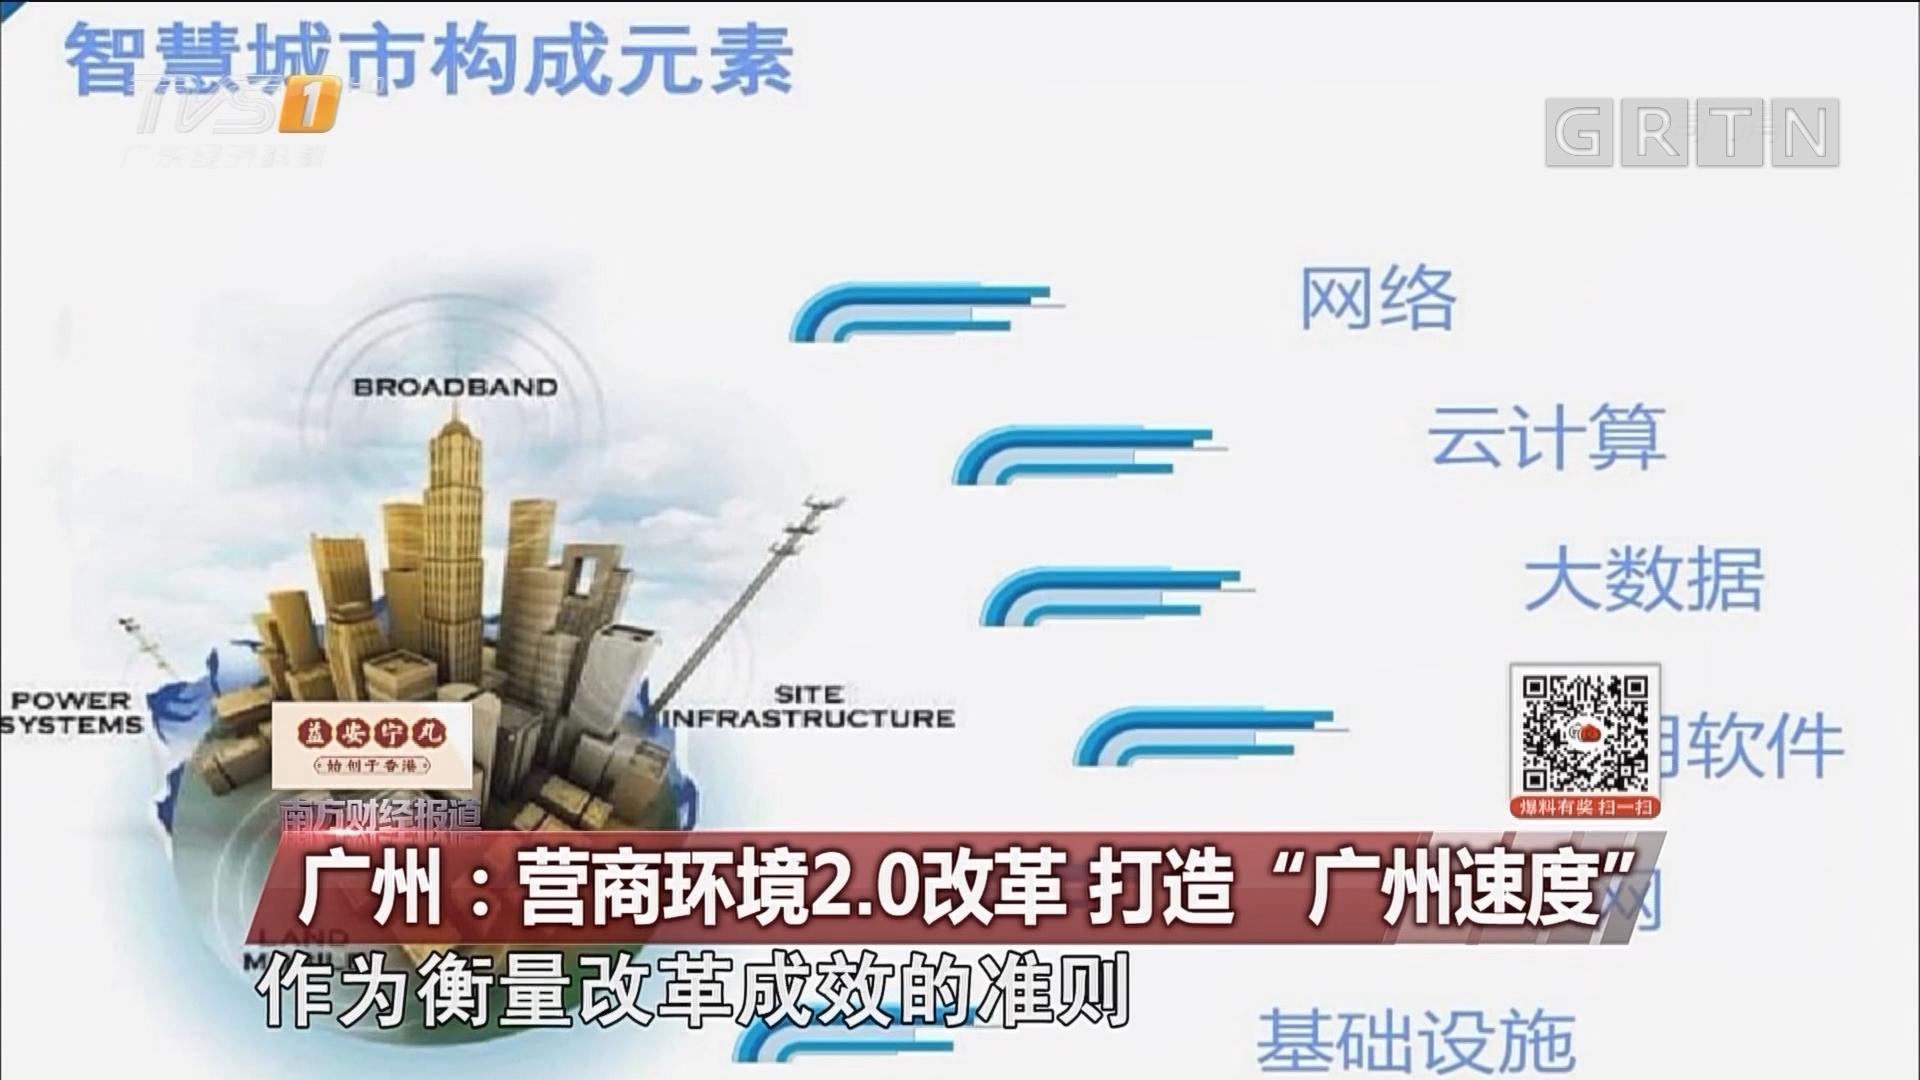 """广州:营商环境2.0改革 打造""""广州速度"""""""